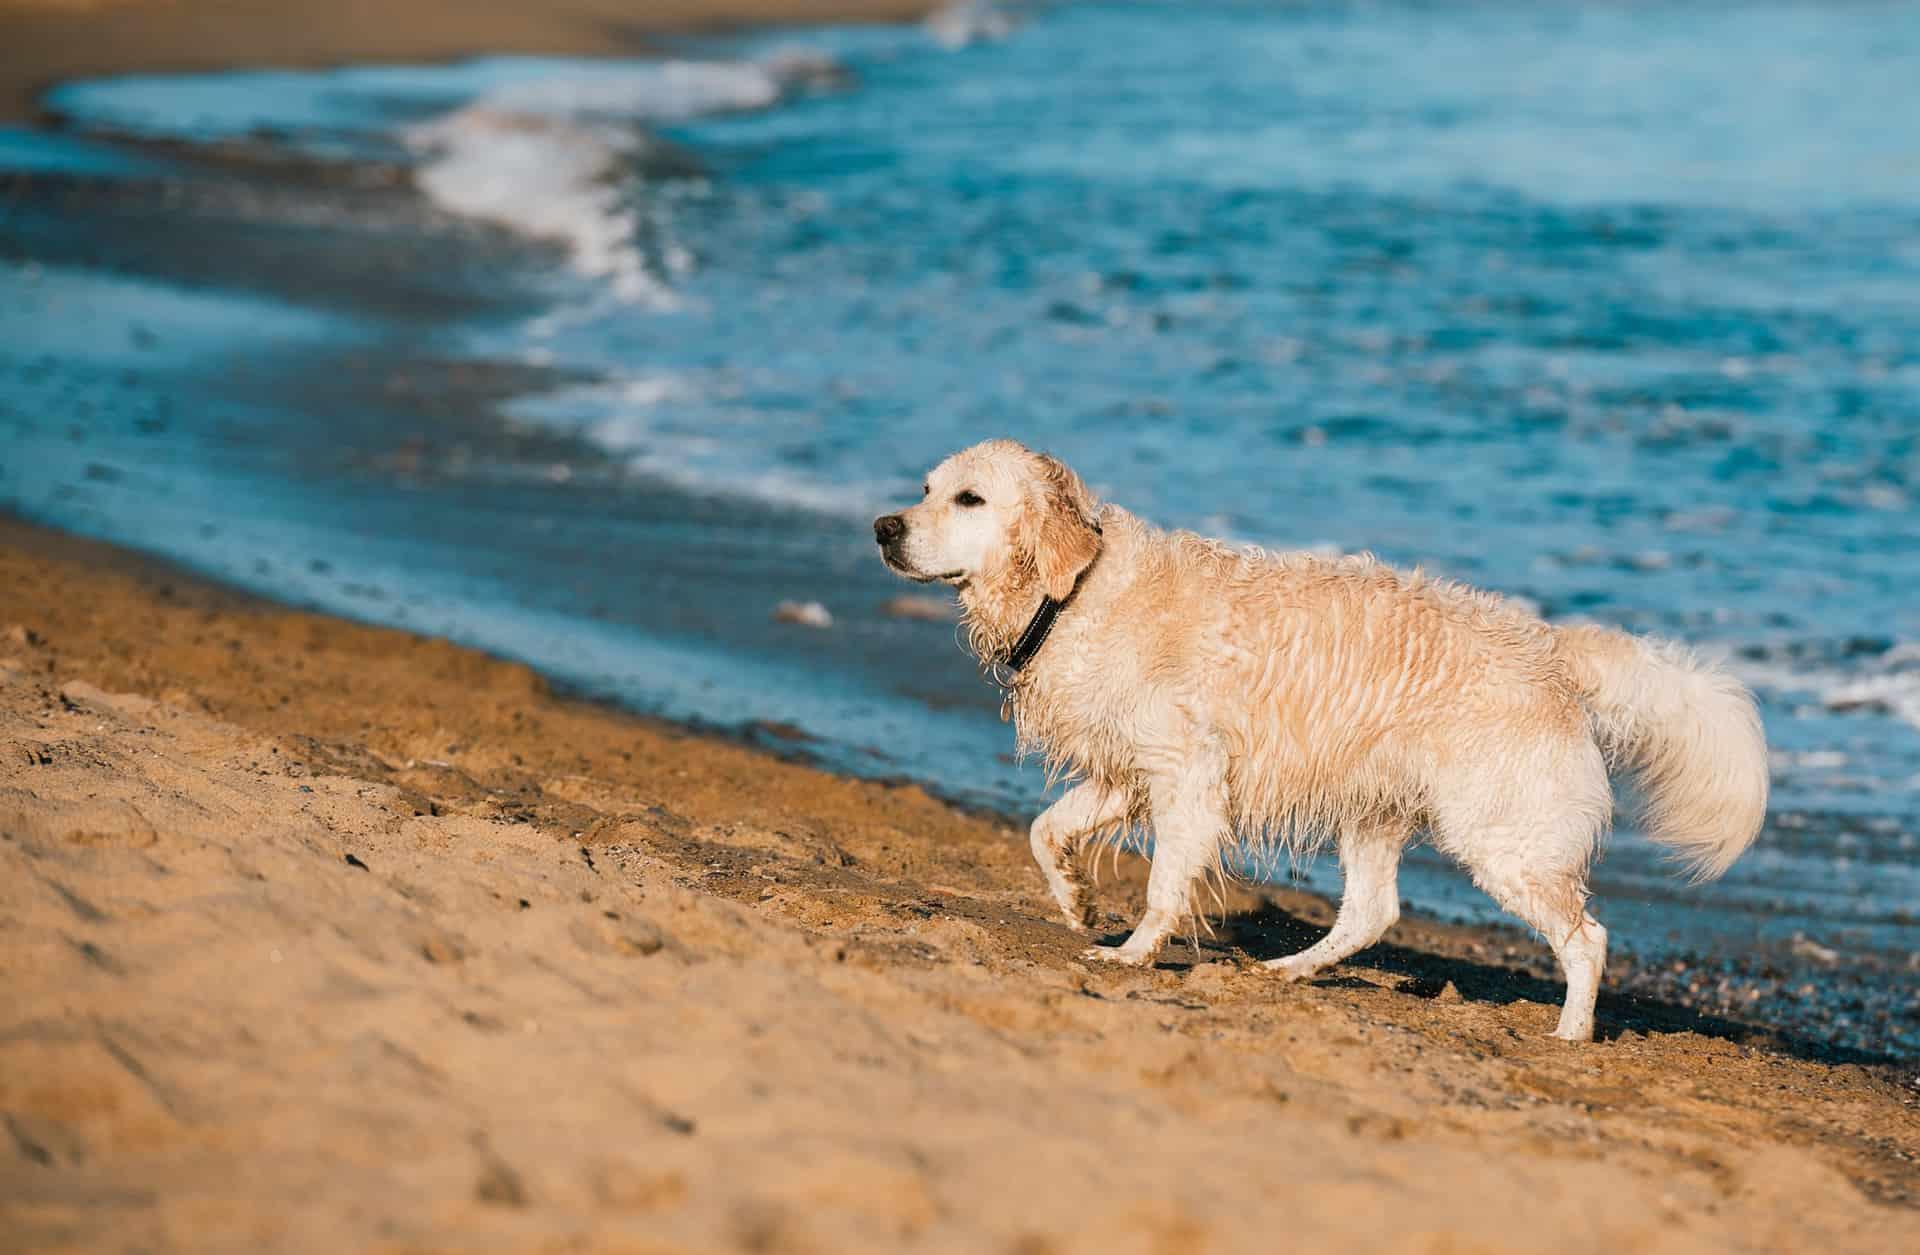 En verano, cuidamos de nuestro pelo... y del de nuestro perro ¡también! - Veterinarium